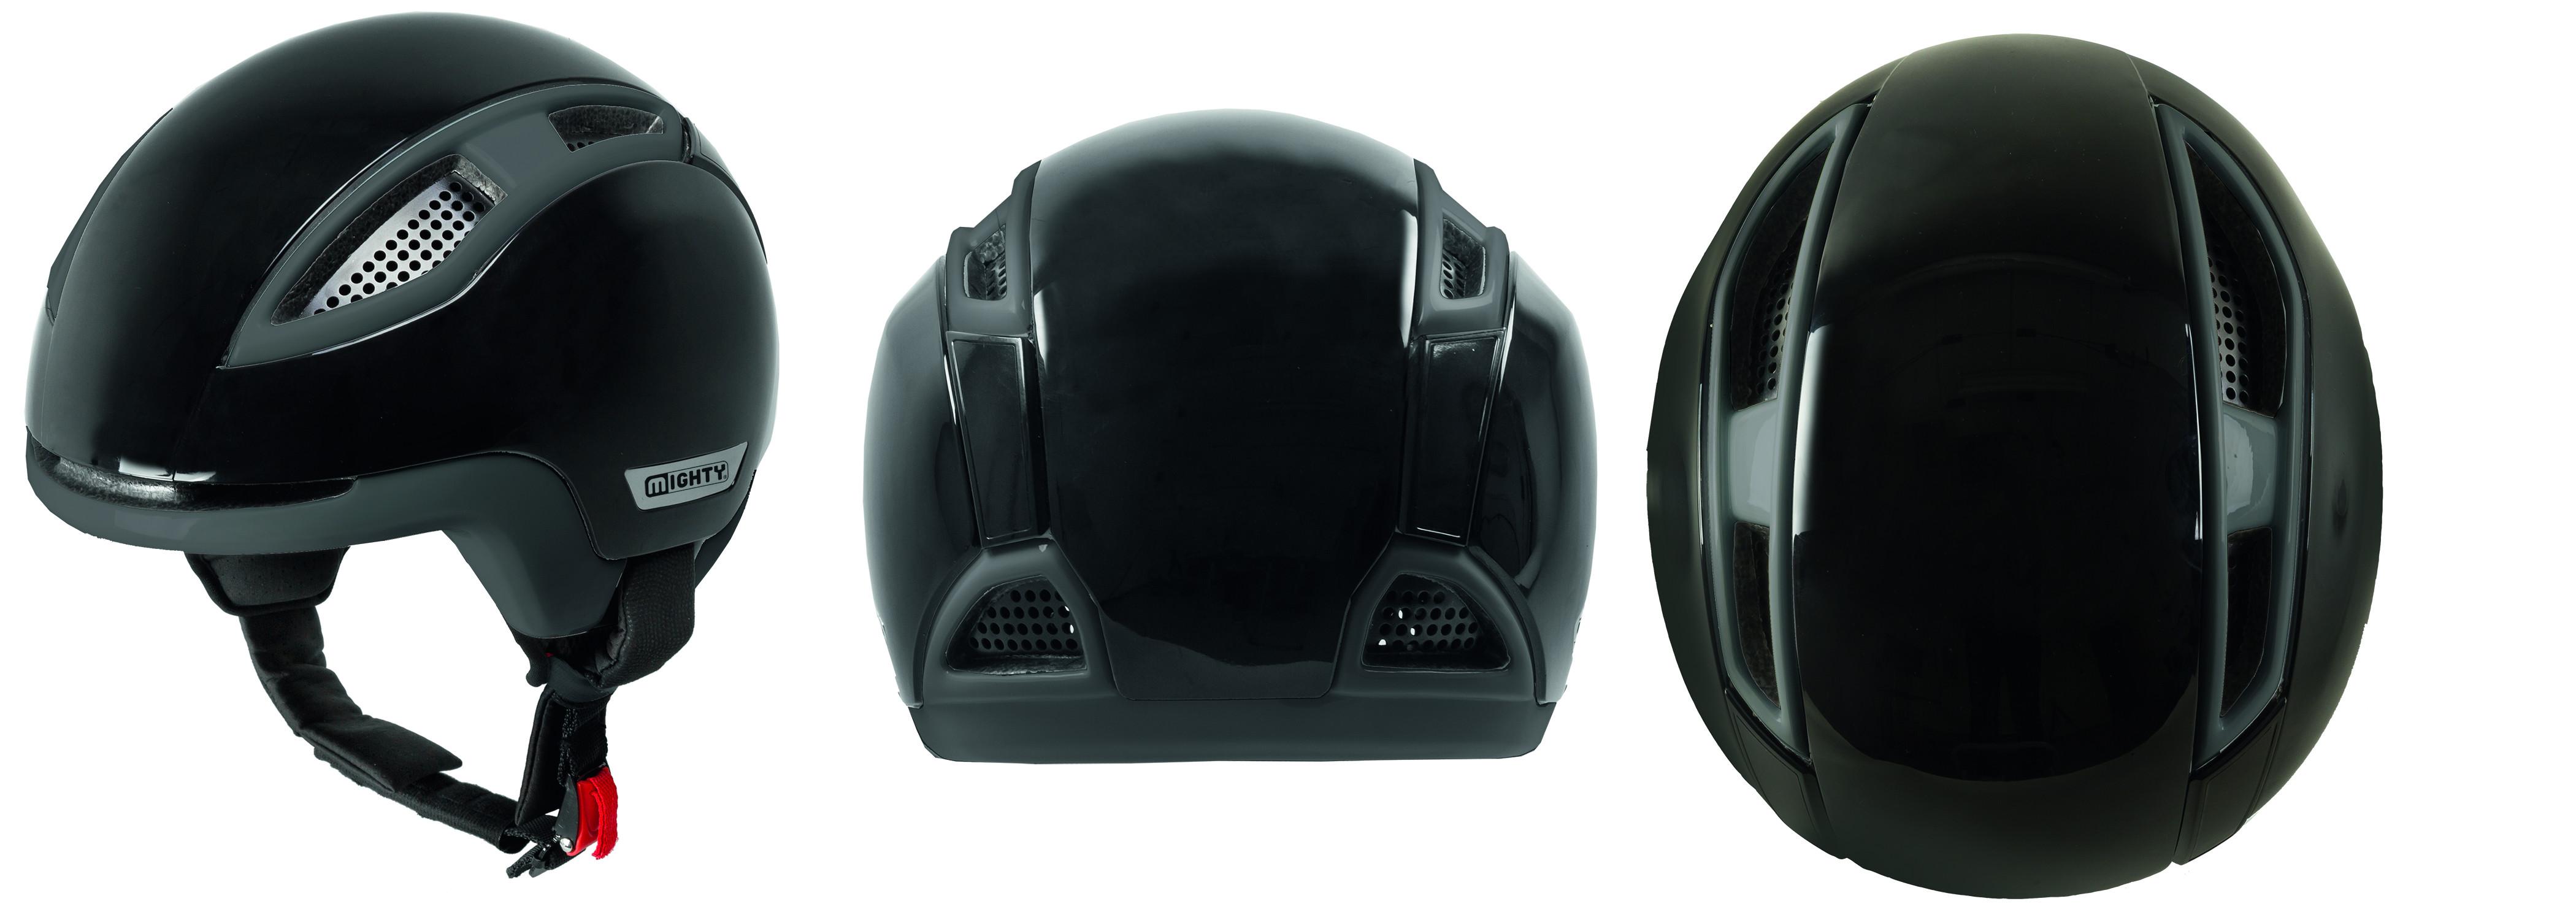 speed e bike helm van mighty op de markt tweewieler. Black Bedroom Furniture Sets. Home Design Ideas